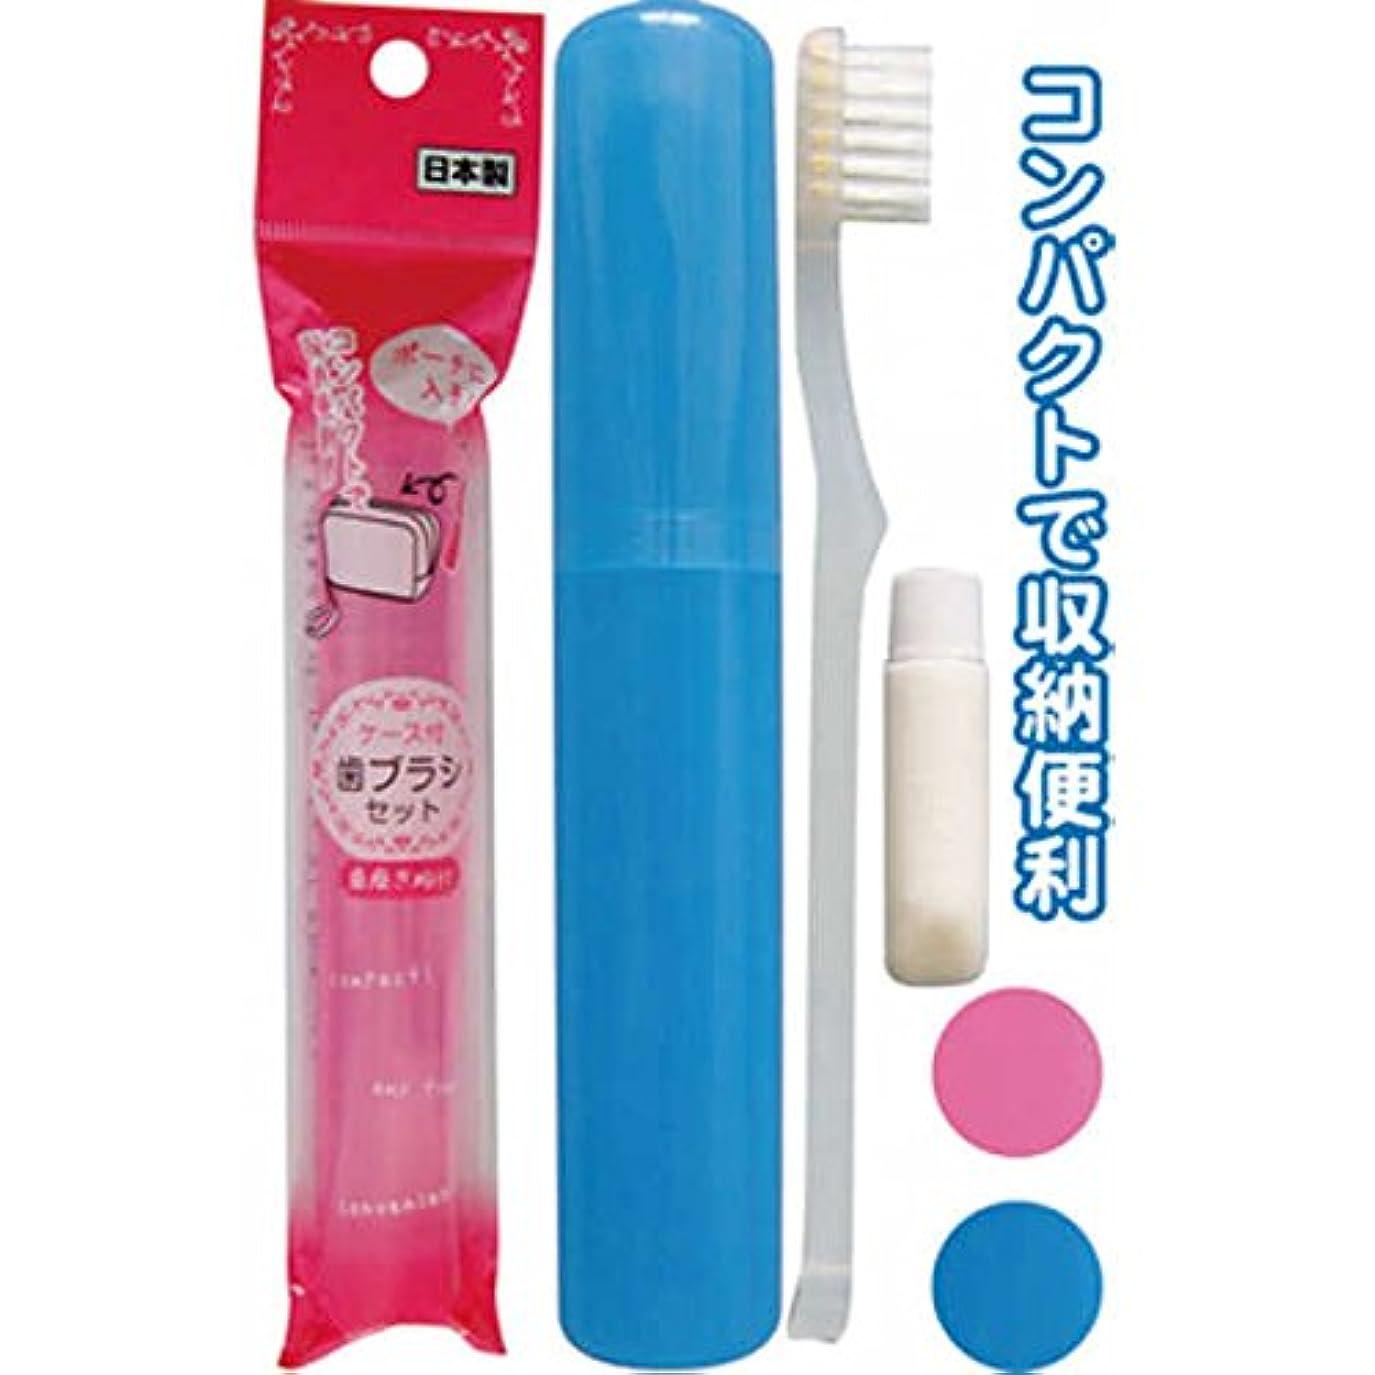 刈り取る故意に全部ポーチに入るケース付歯ブラシセット(日本製 japan) 【まとめ買い12個セット】 41-214